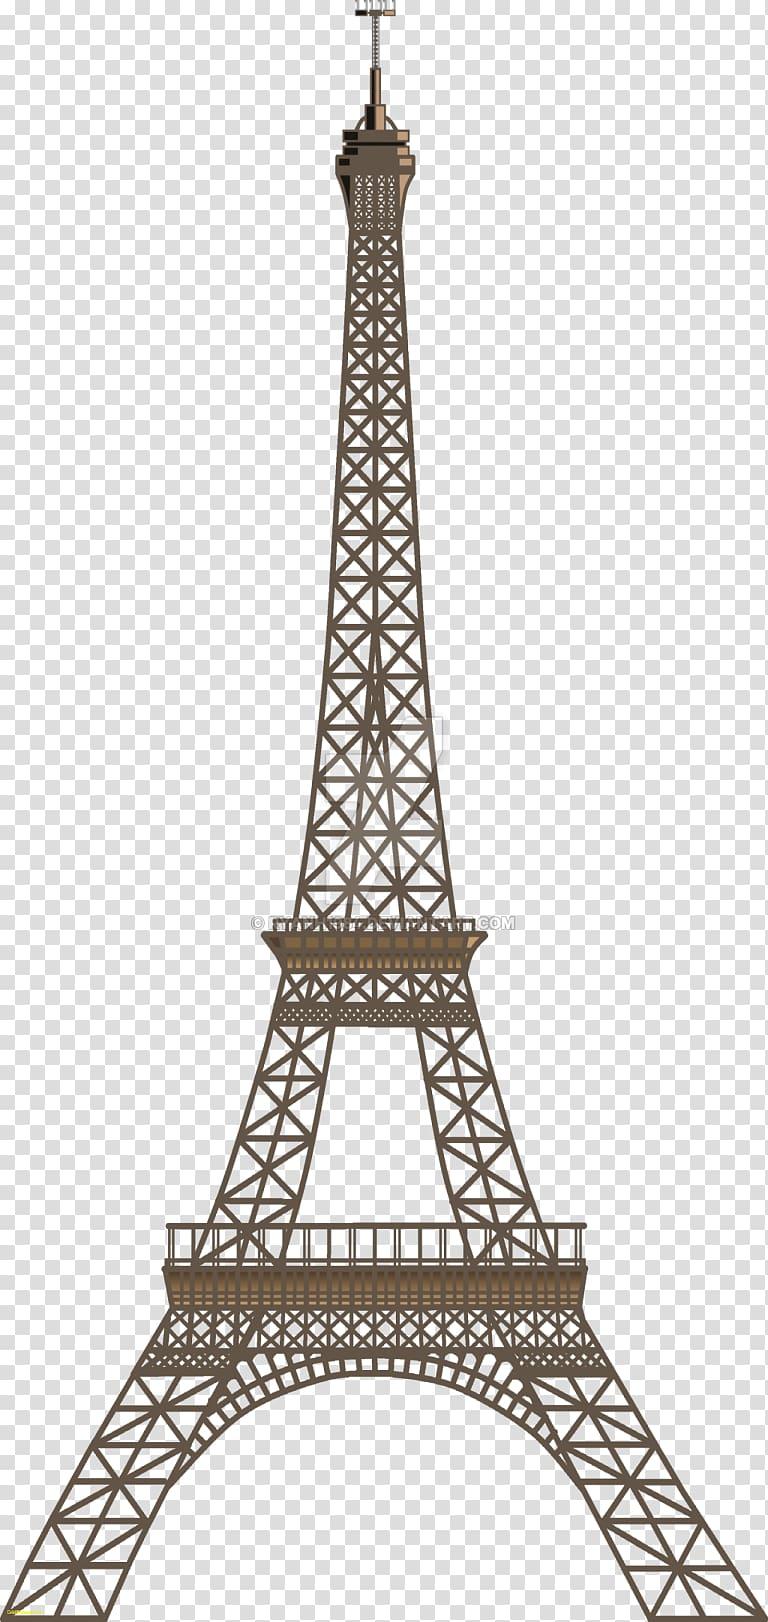 Eiffel Tower Champ de Mars , tower in paris transparent.